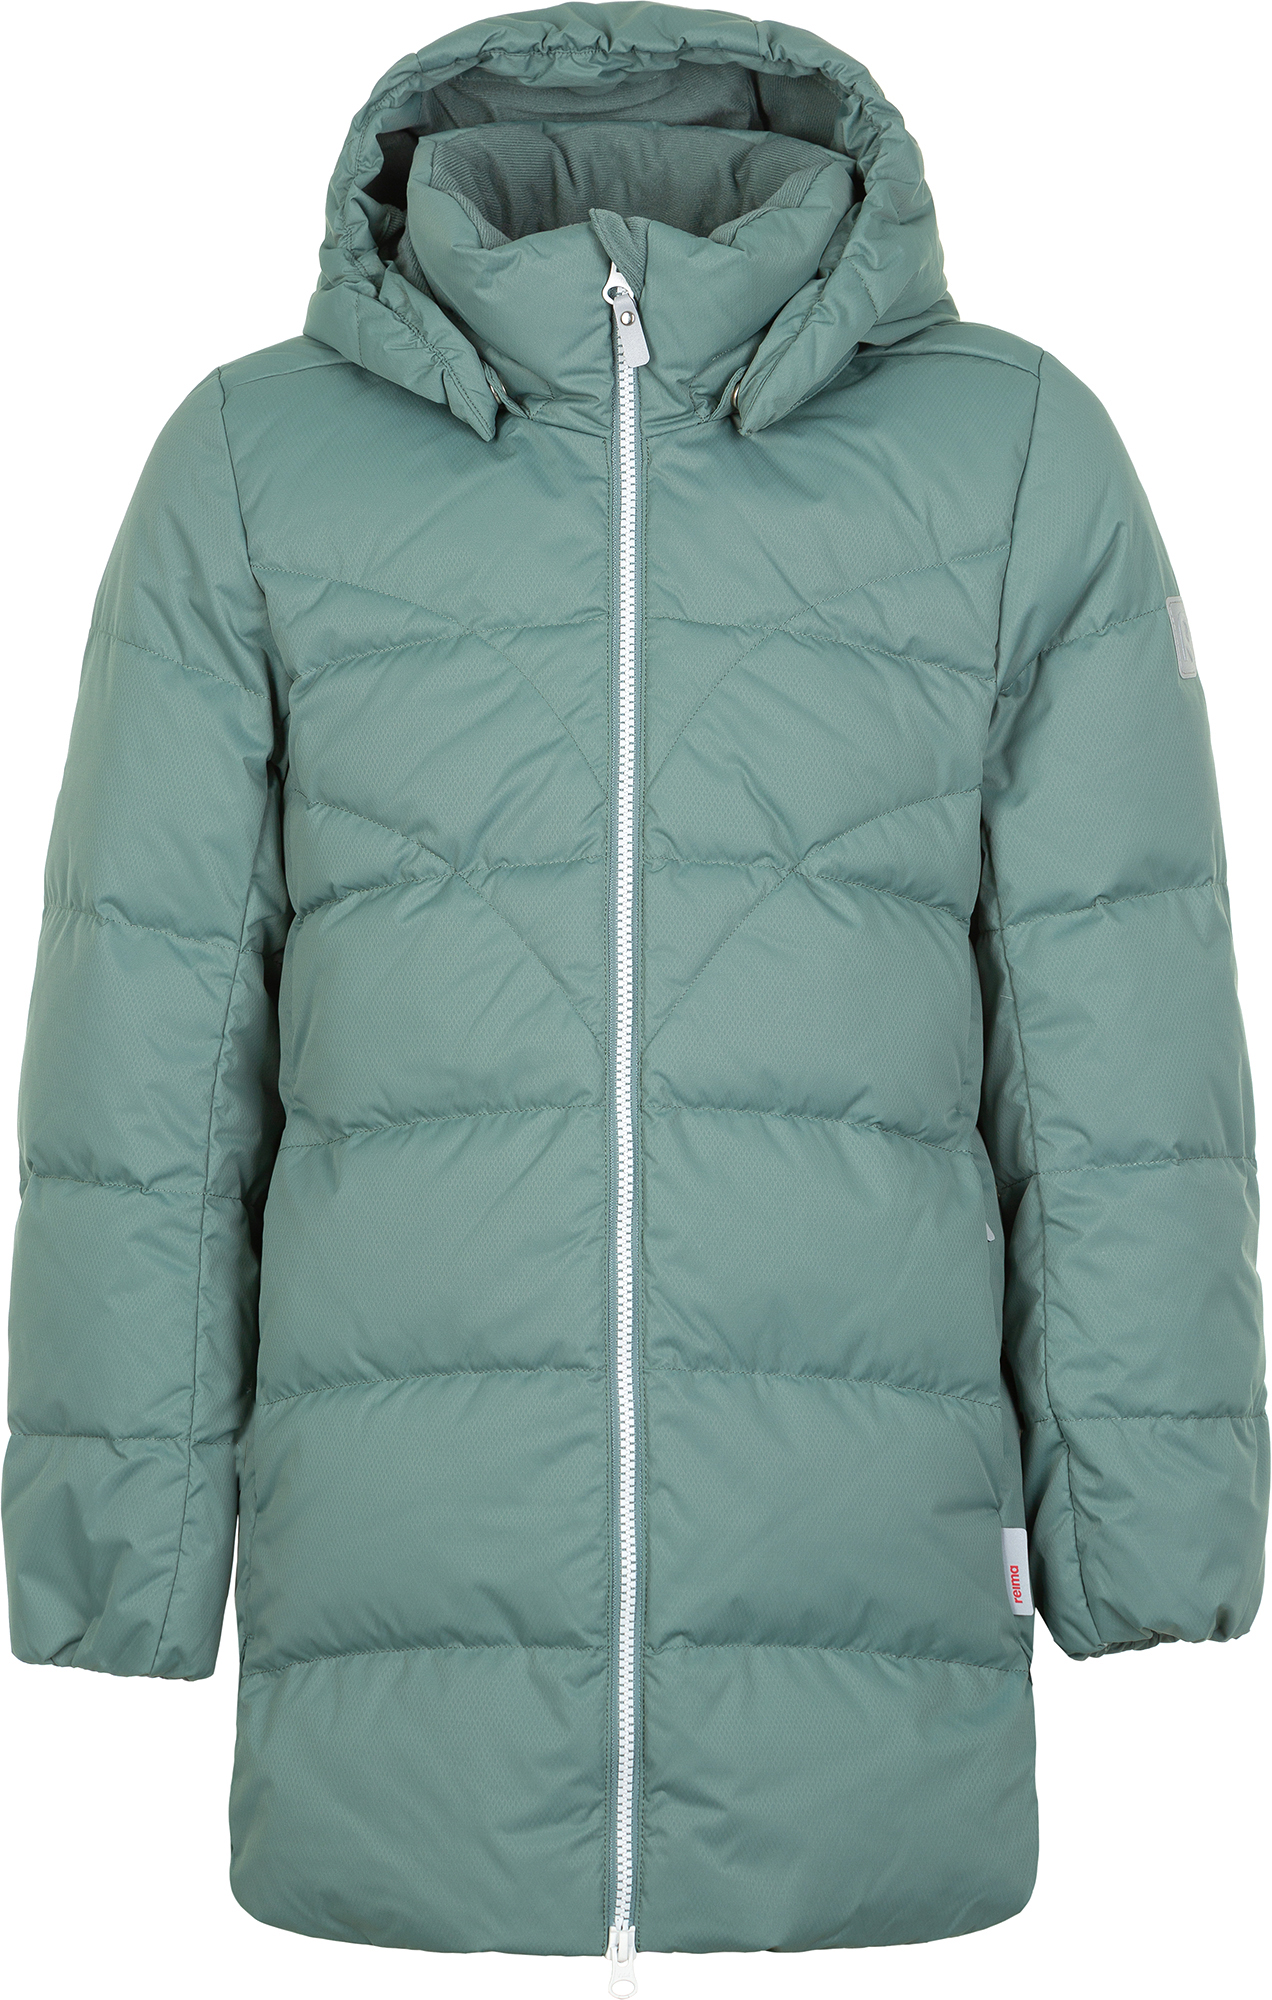 Reima Куртка пуховая для девочек Ahde, размер 158